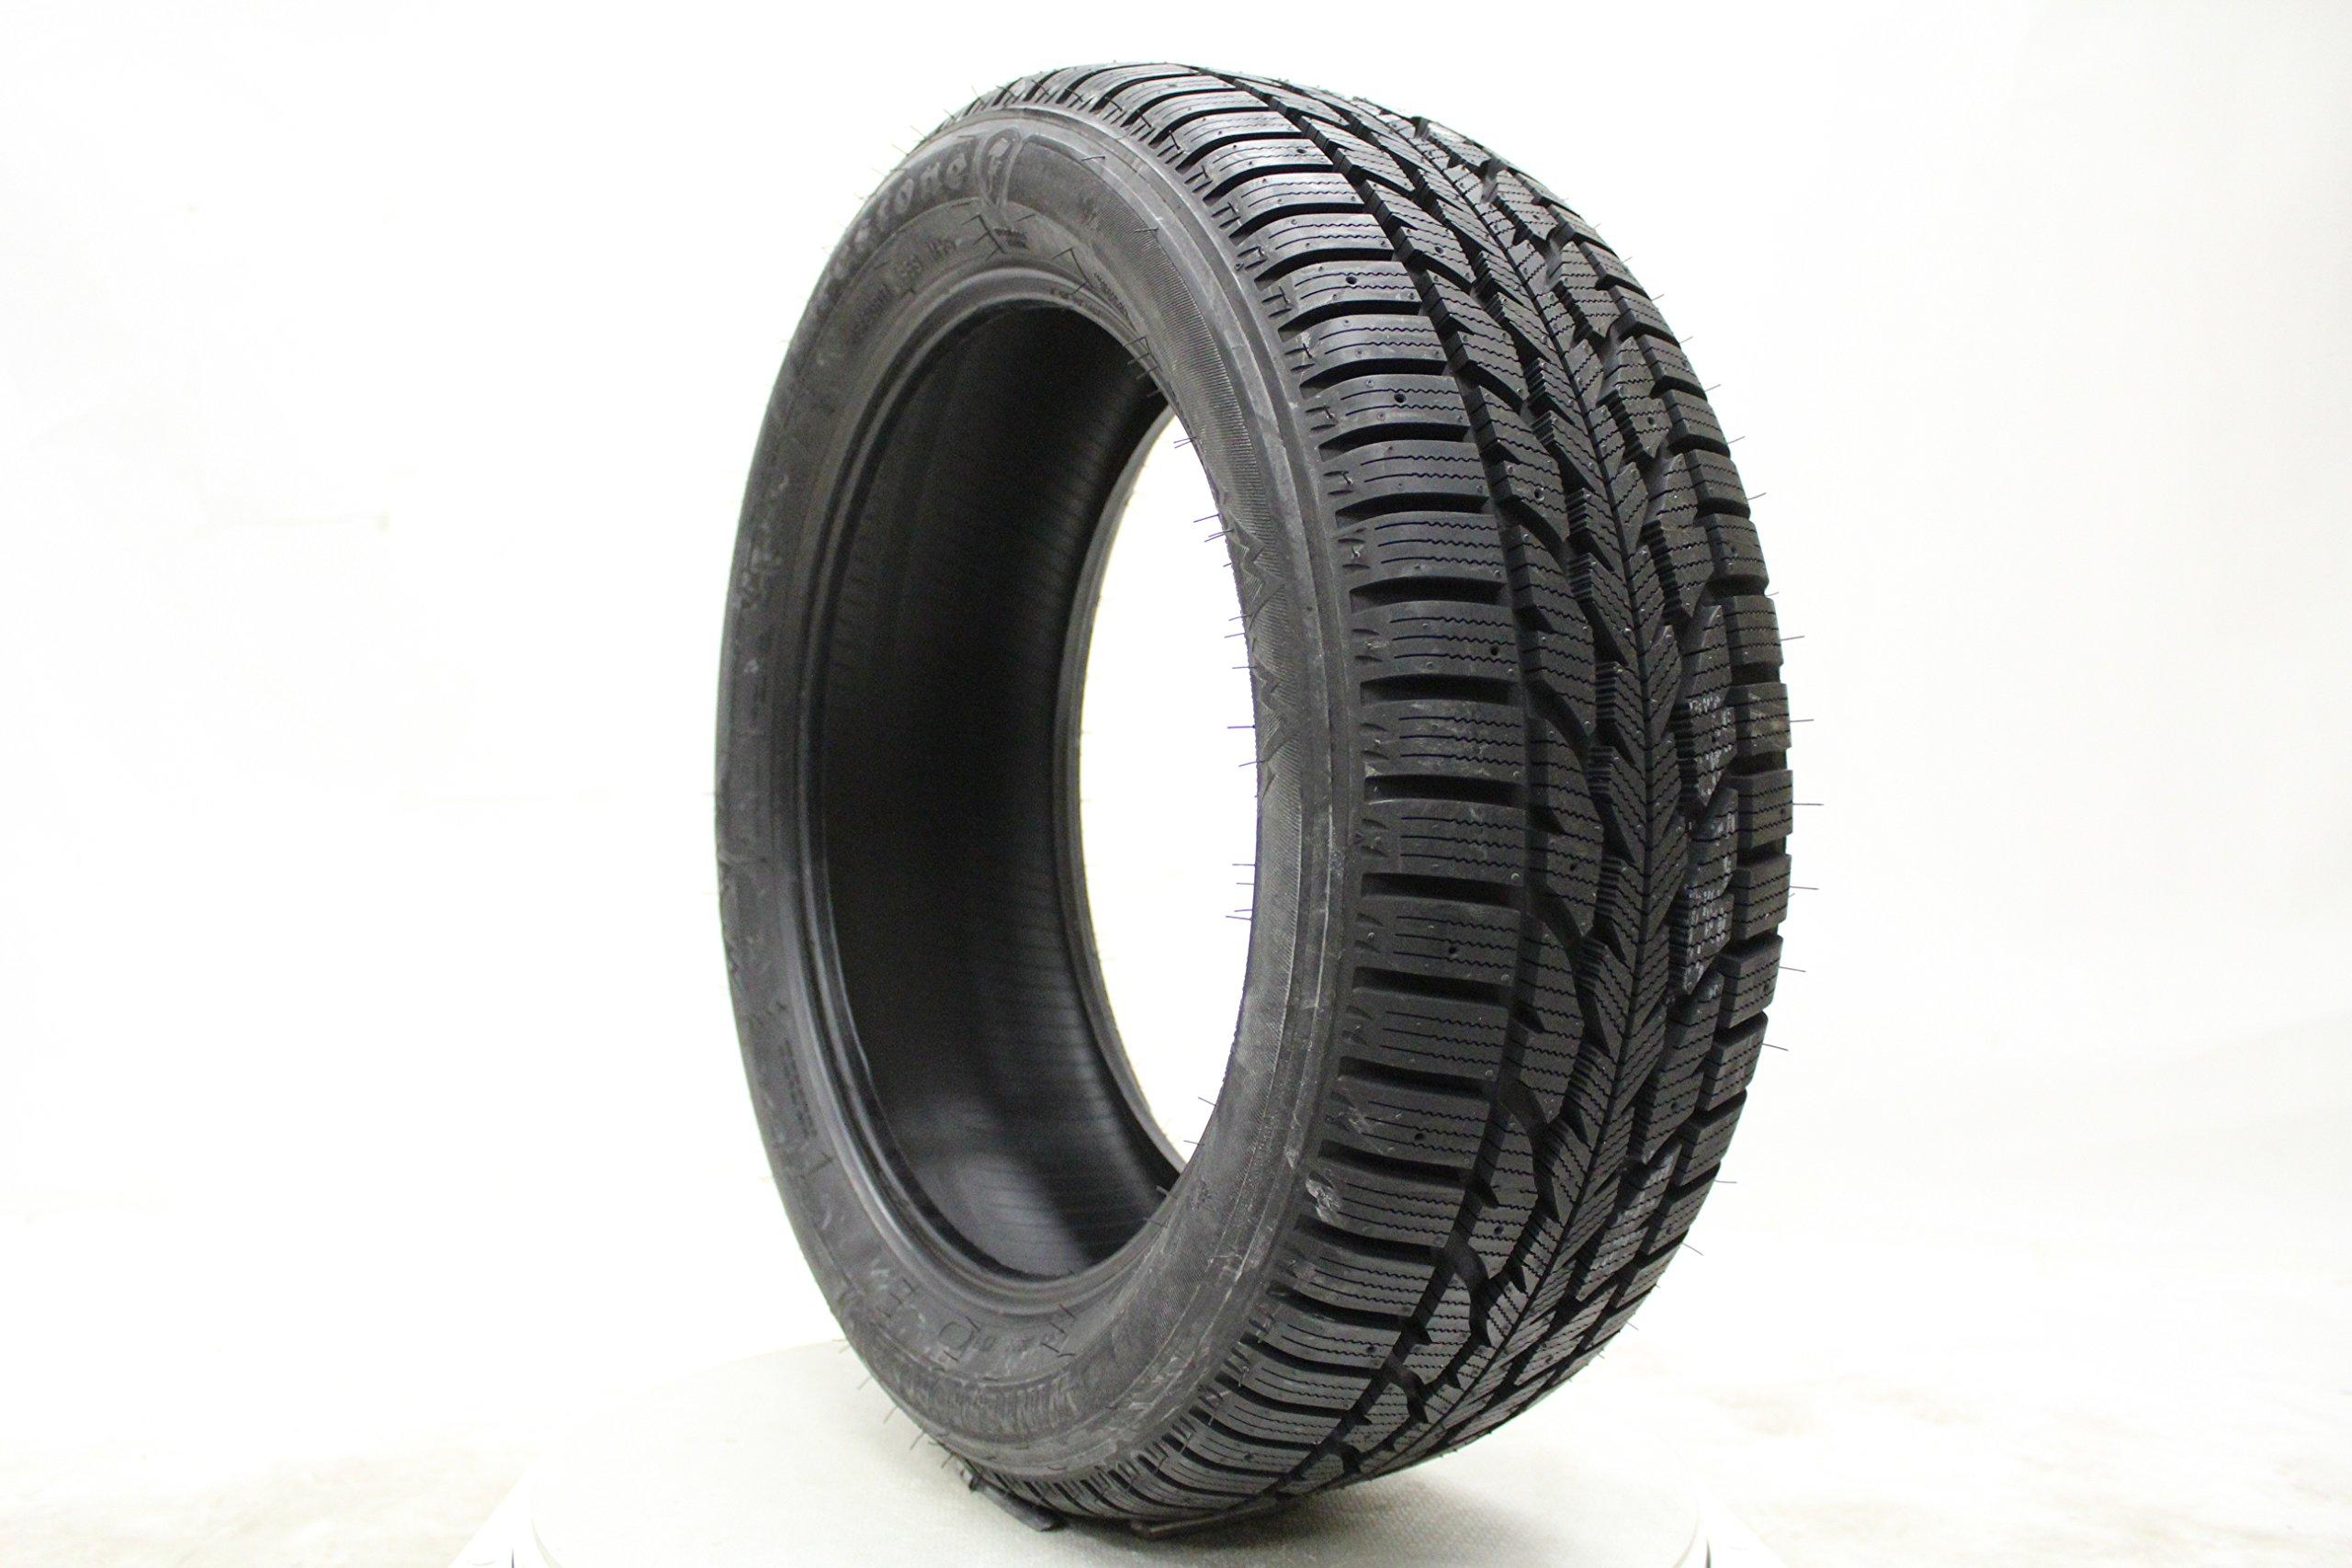 Firestone Winterforce 2 Snow Radial Tire-205/55R16 91S by Firestone